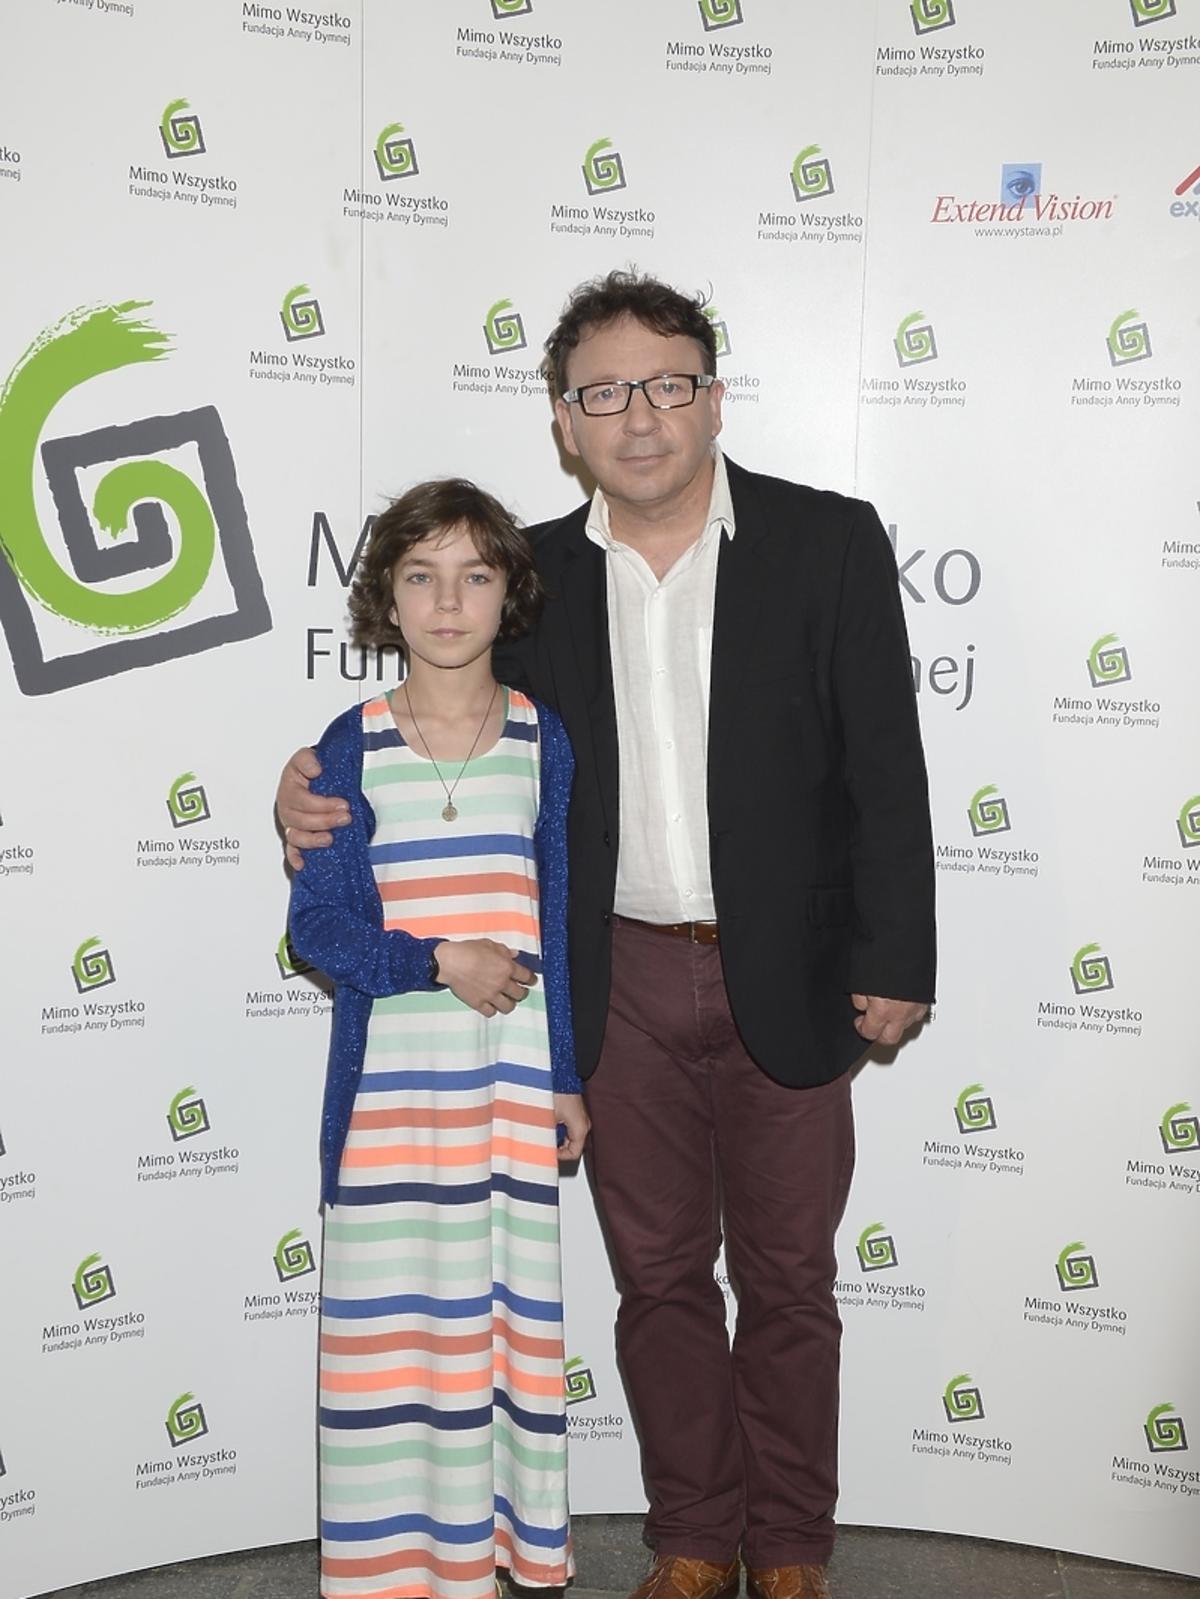 Zbigniew Zamachowski z córką Bronią na Festiwalu Zaczarowanej Piosenki